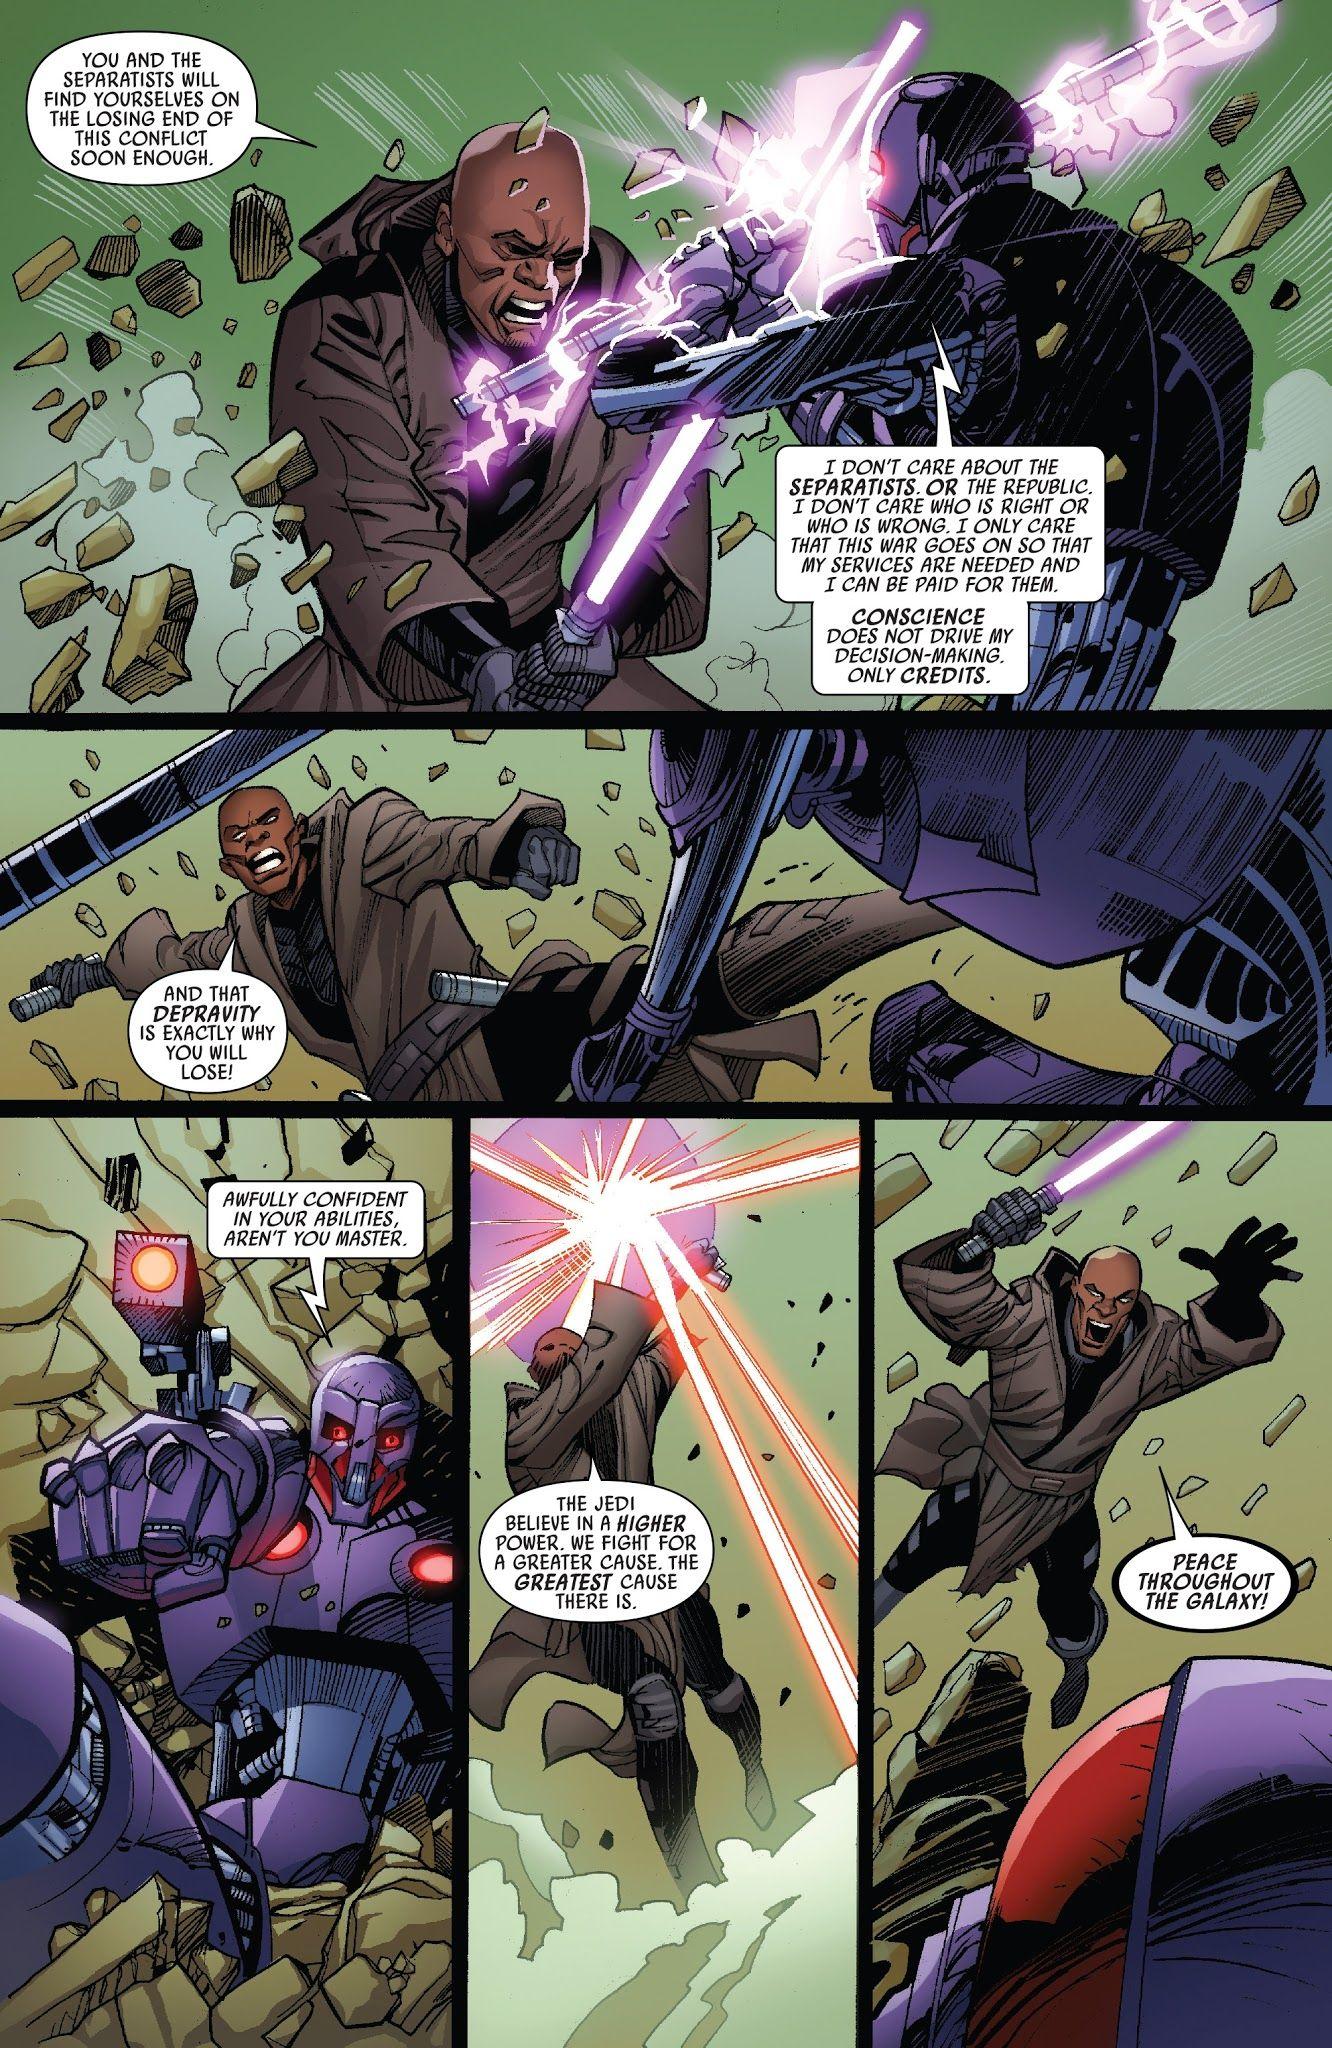 Star Wars: Mace Windu Issue #2 - Read Star Wars: Mace Windu